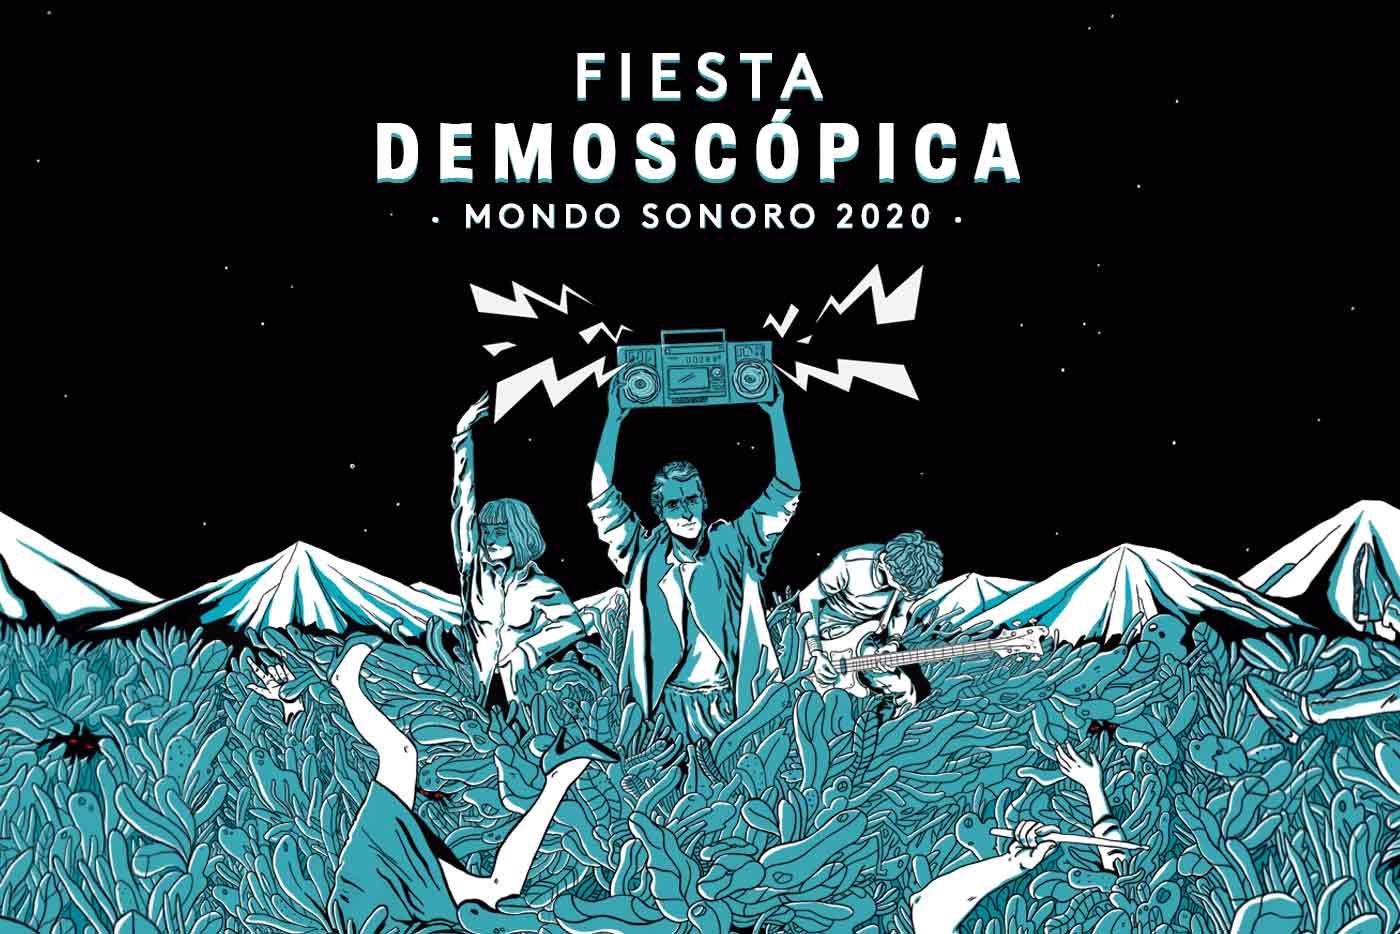 Fiesta Demoscópica Mondo Sonoro 2020